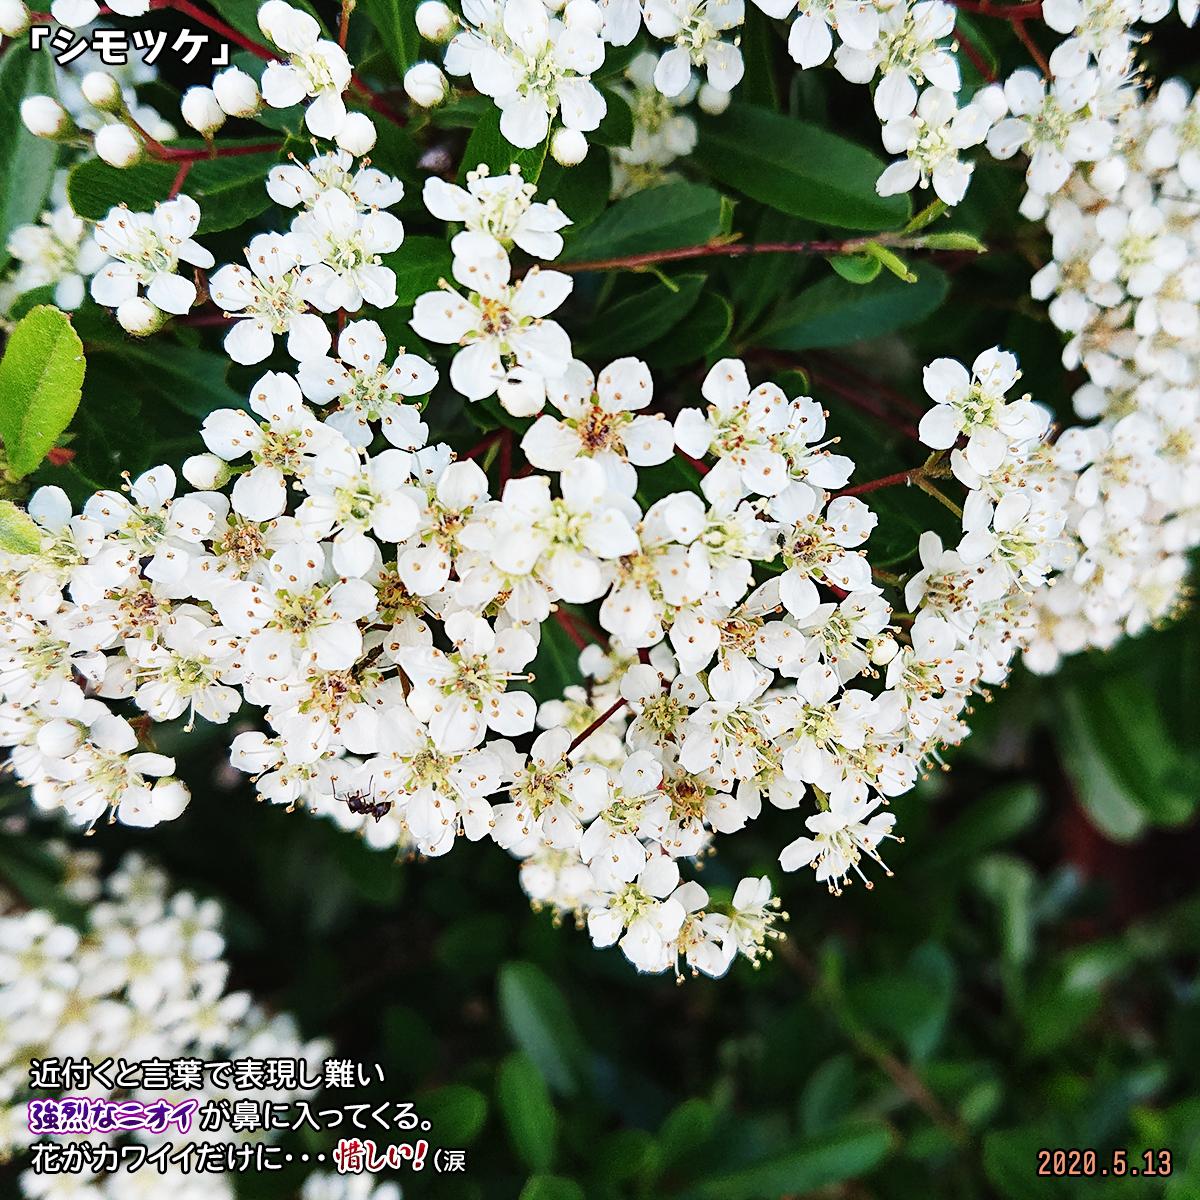 DSC_3565_20200517161004dc9.jpg